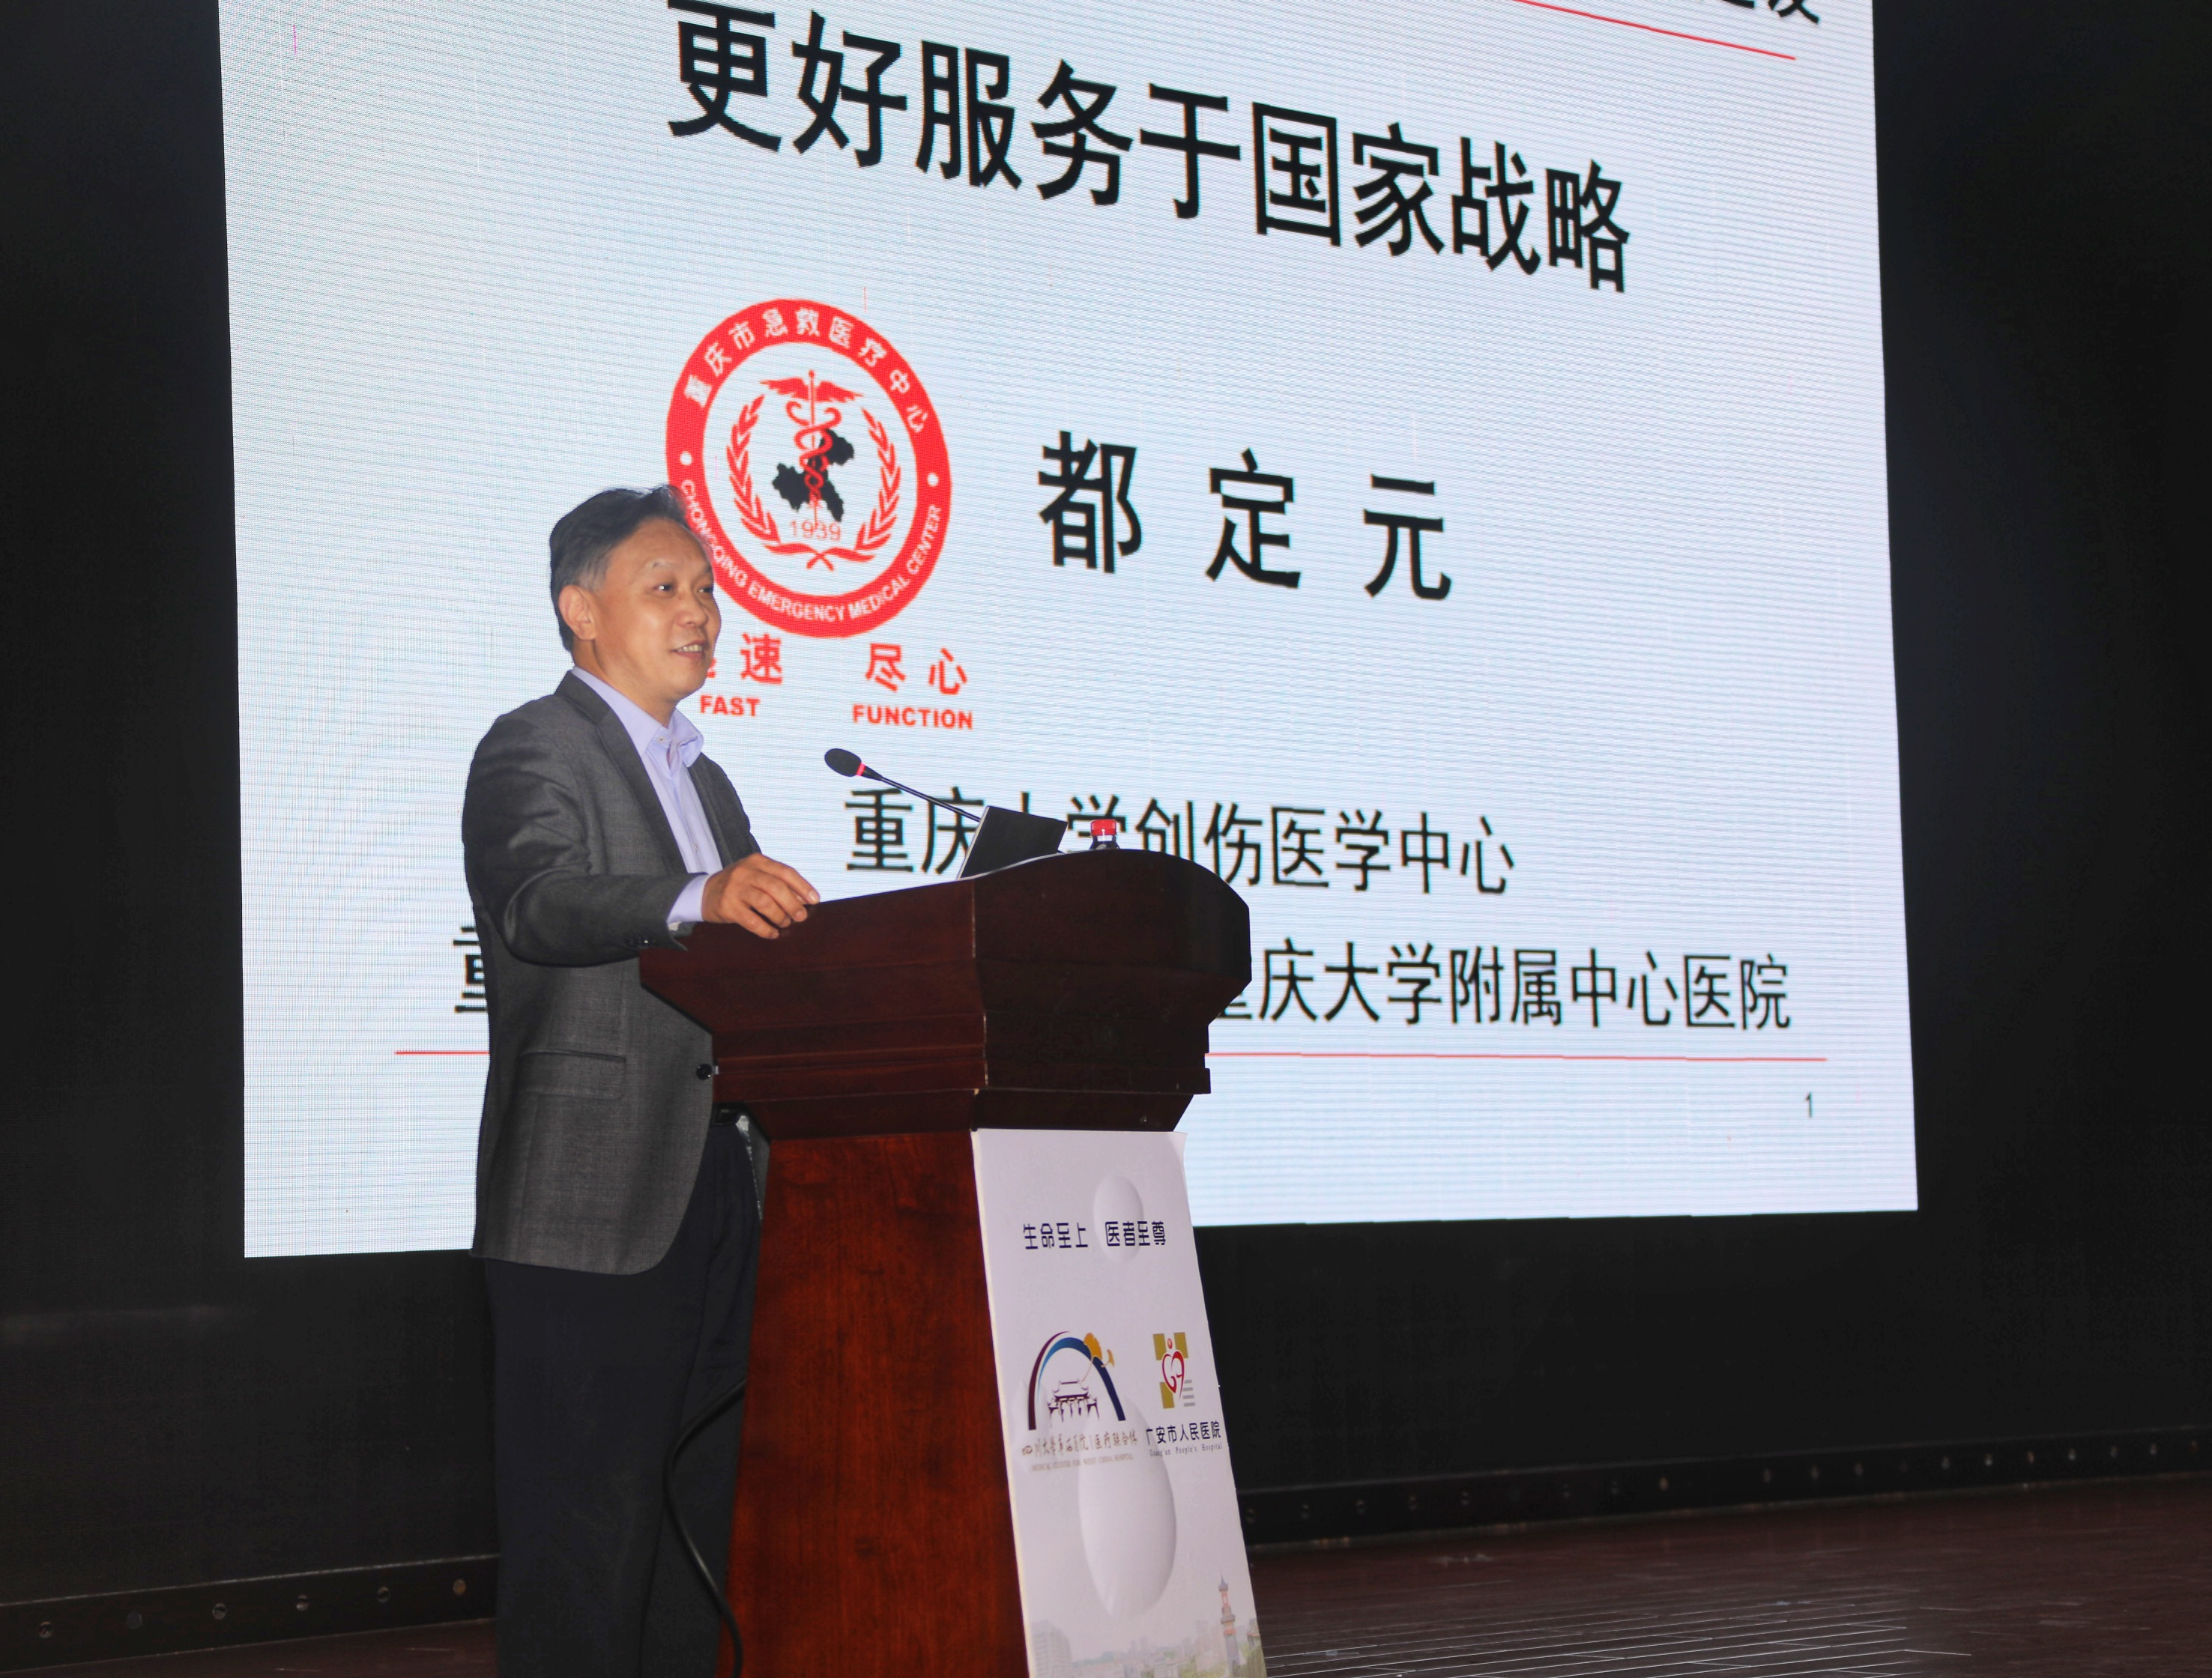 四川大学华西广安医院加入重庆创伤救治联盟